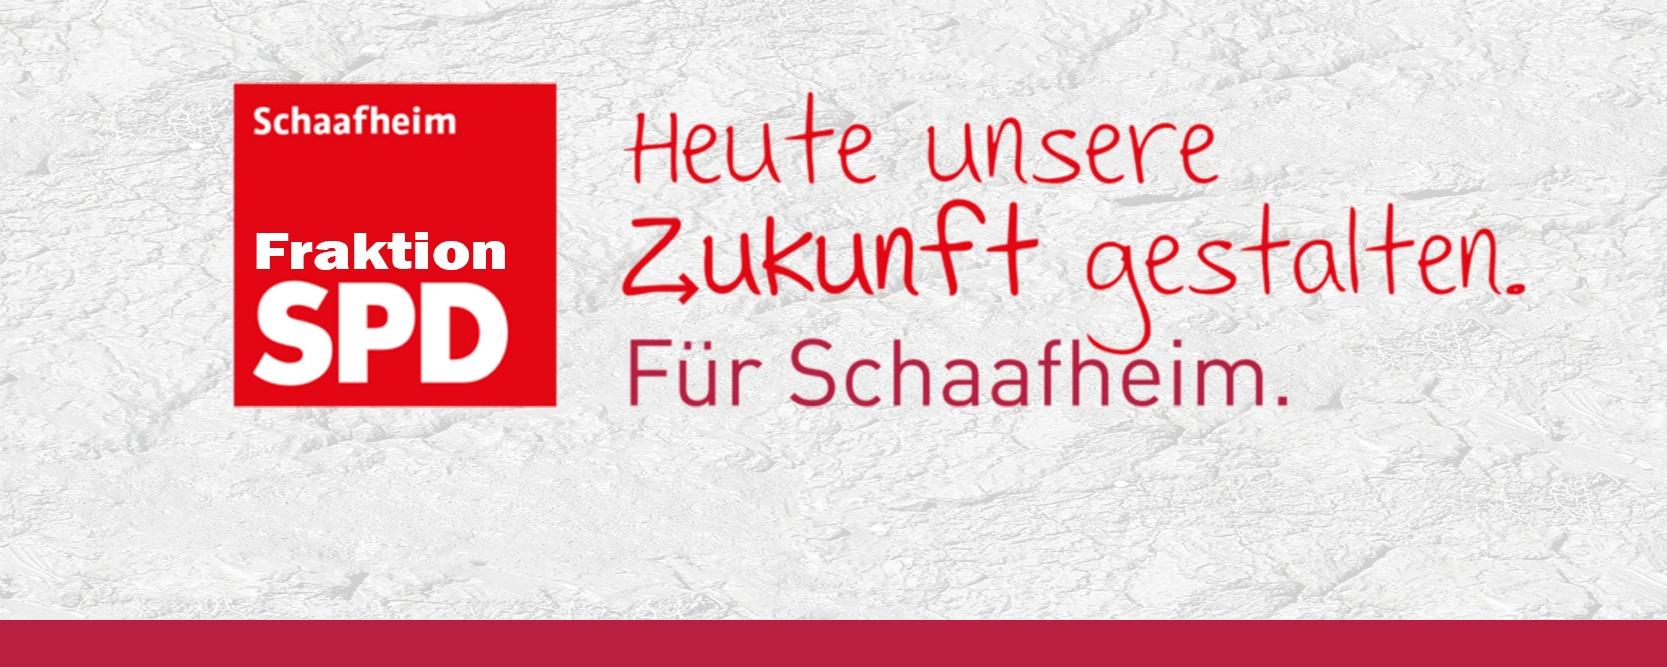 Fraktions der SPD Schaafheim